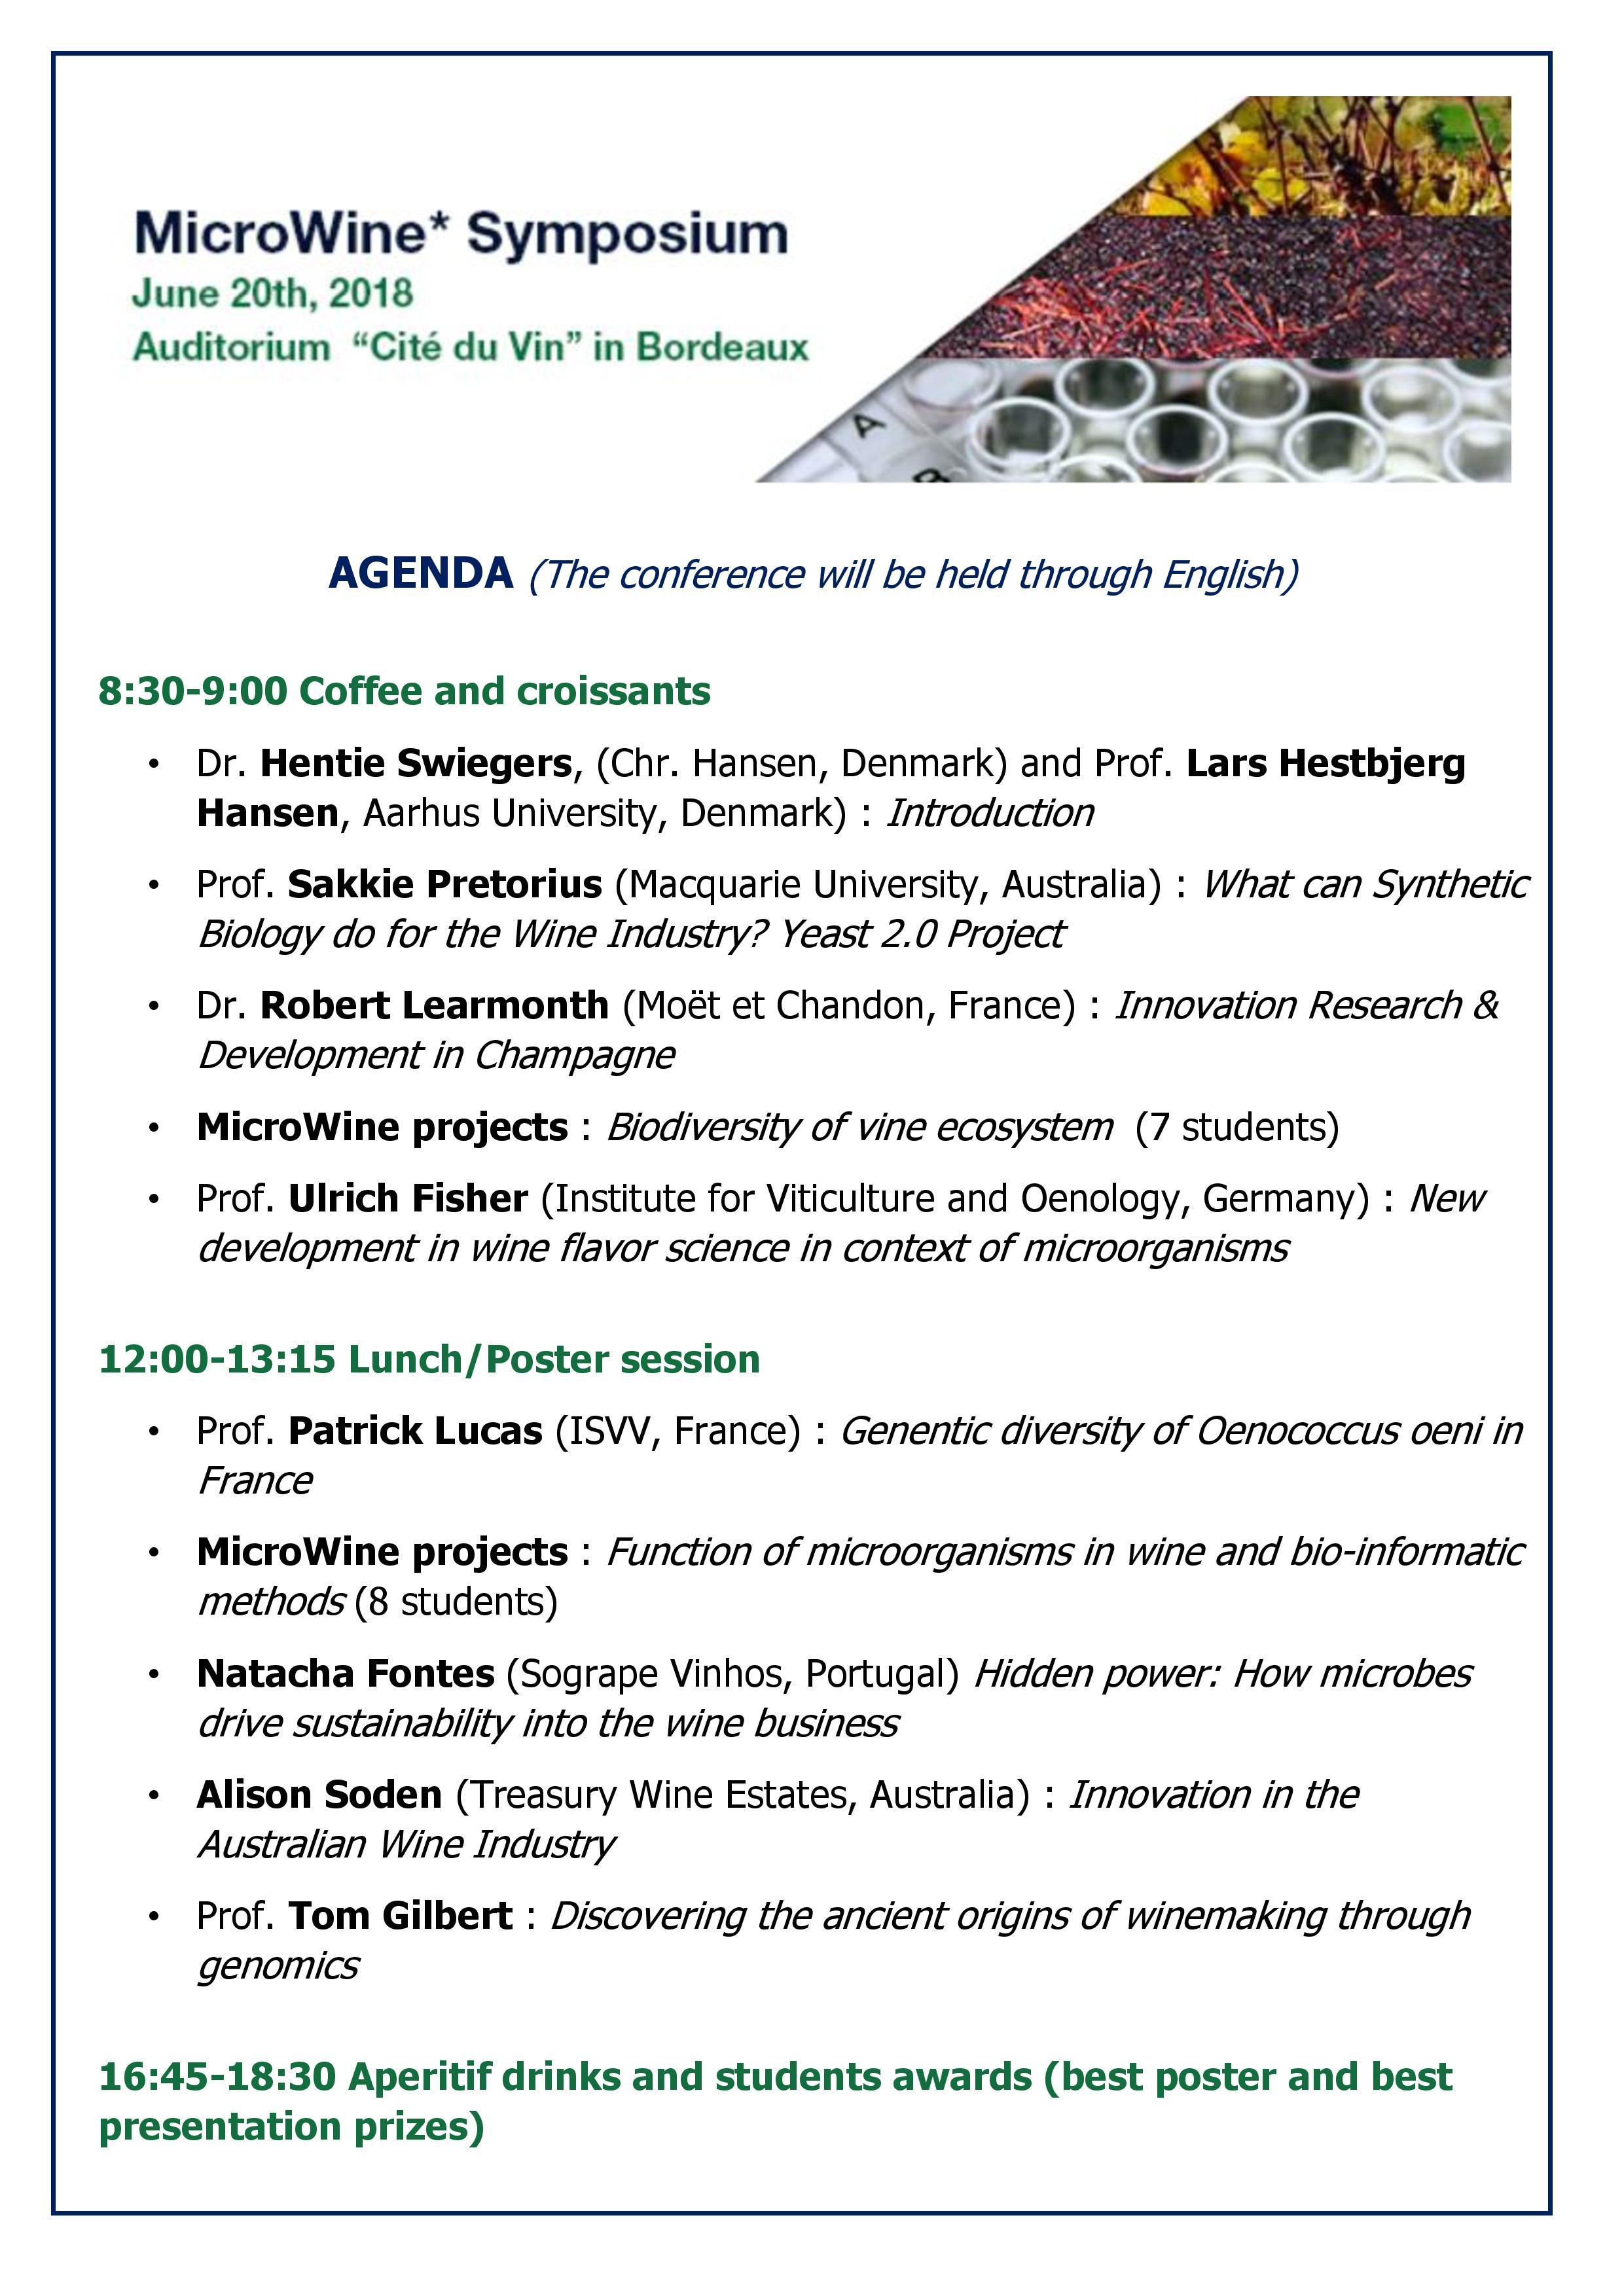 agenda Micro Wine Symposium